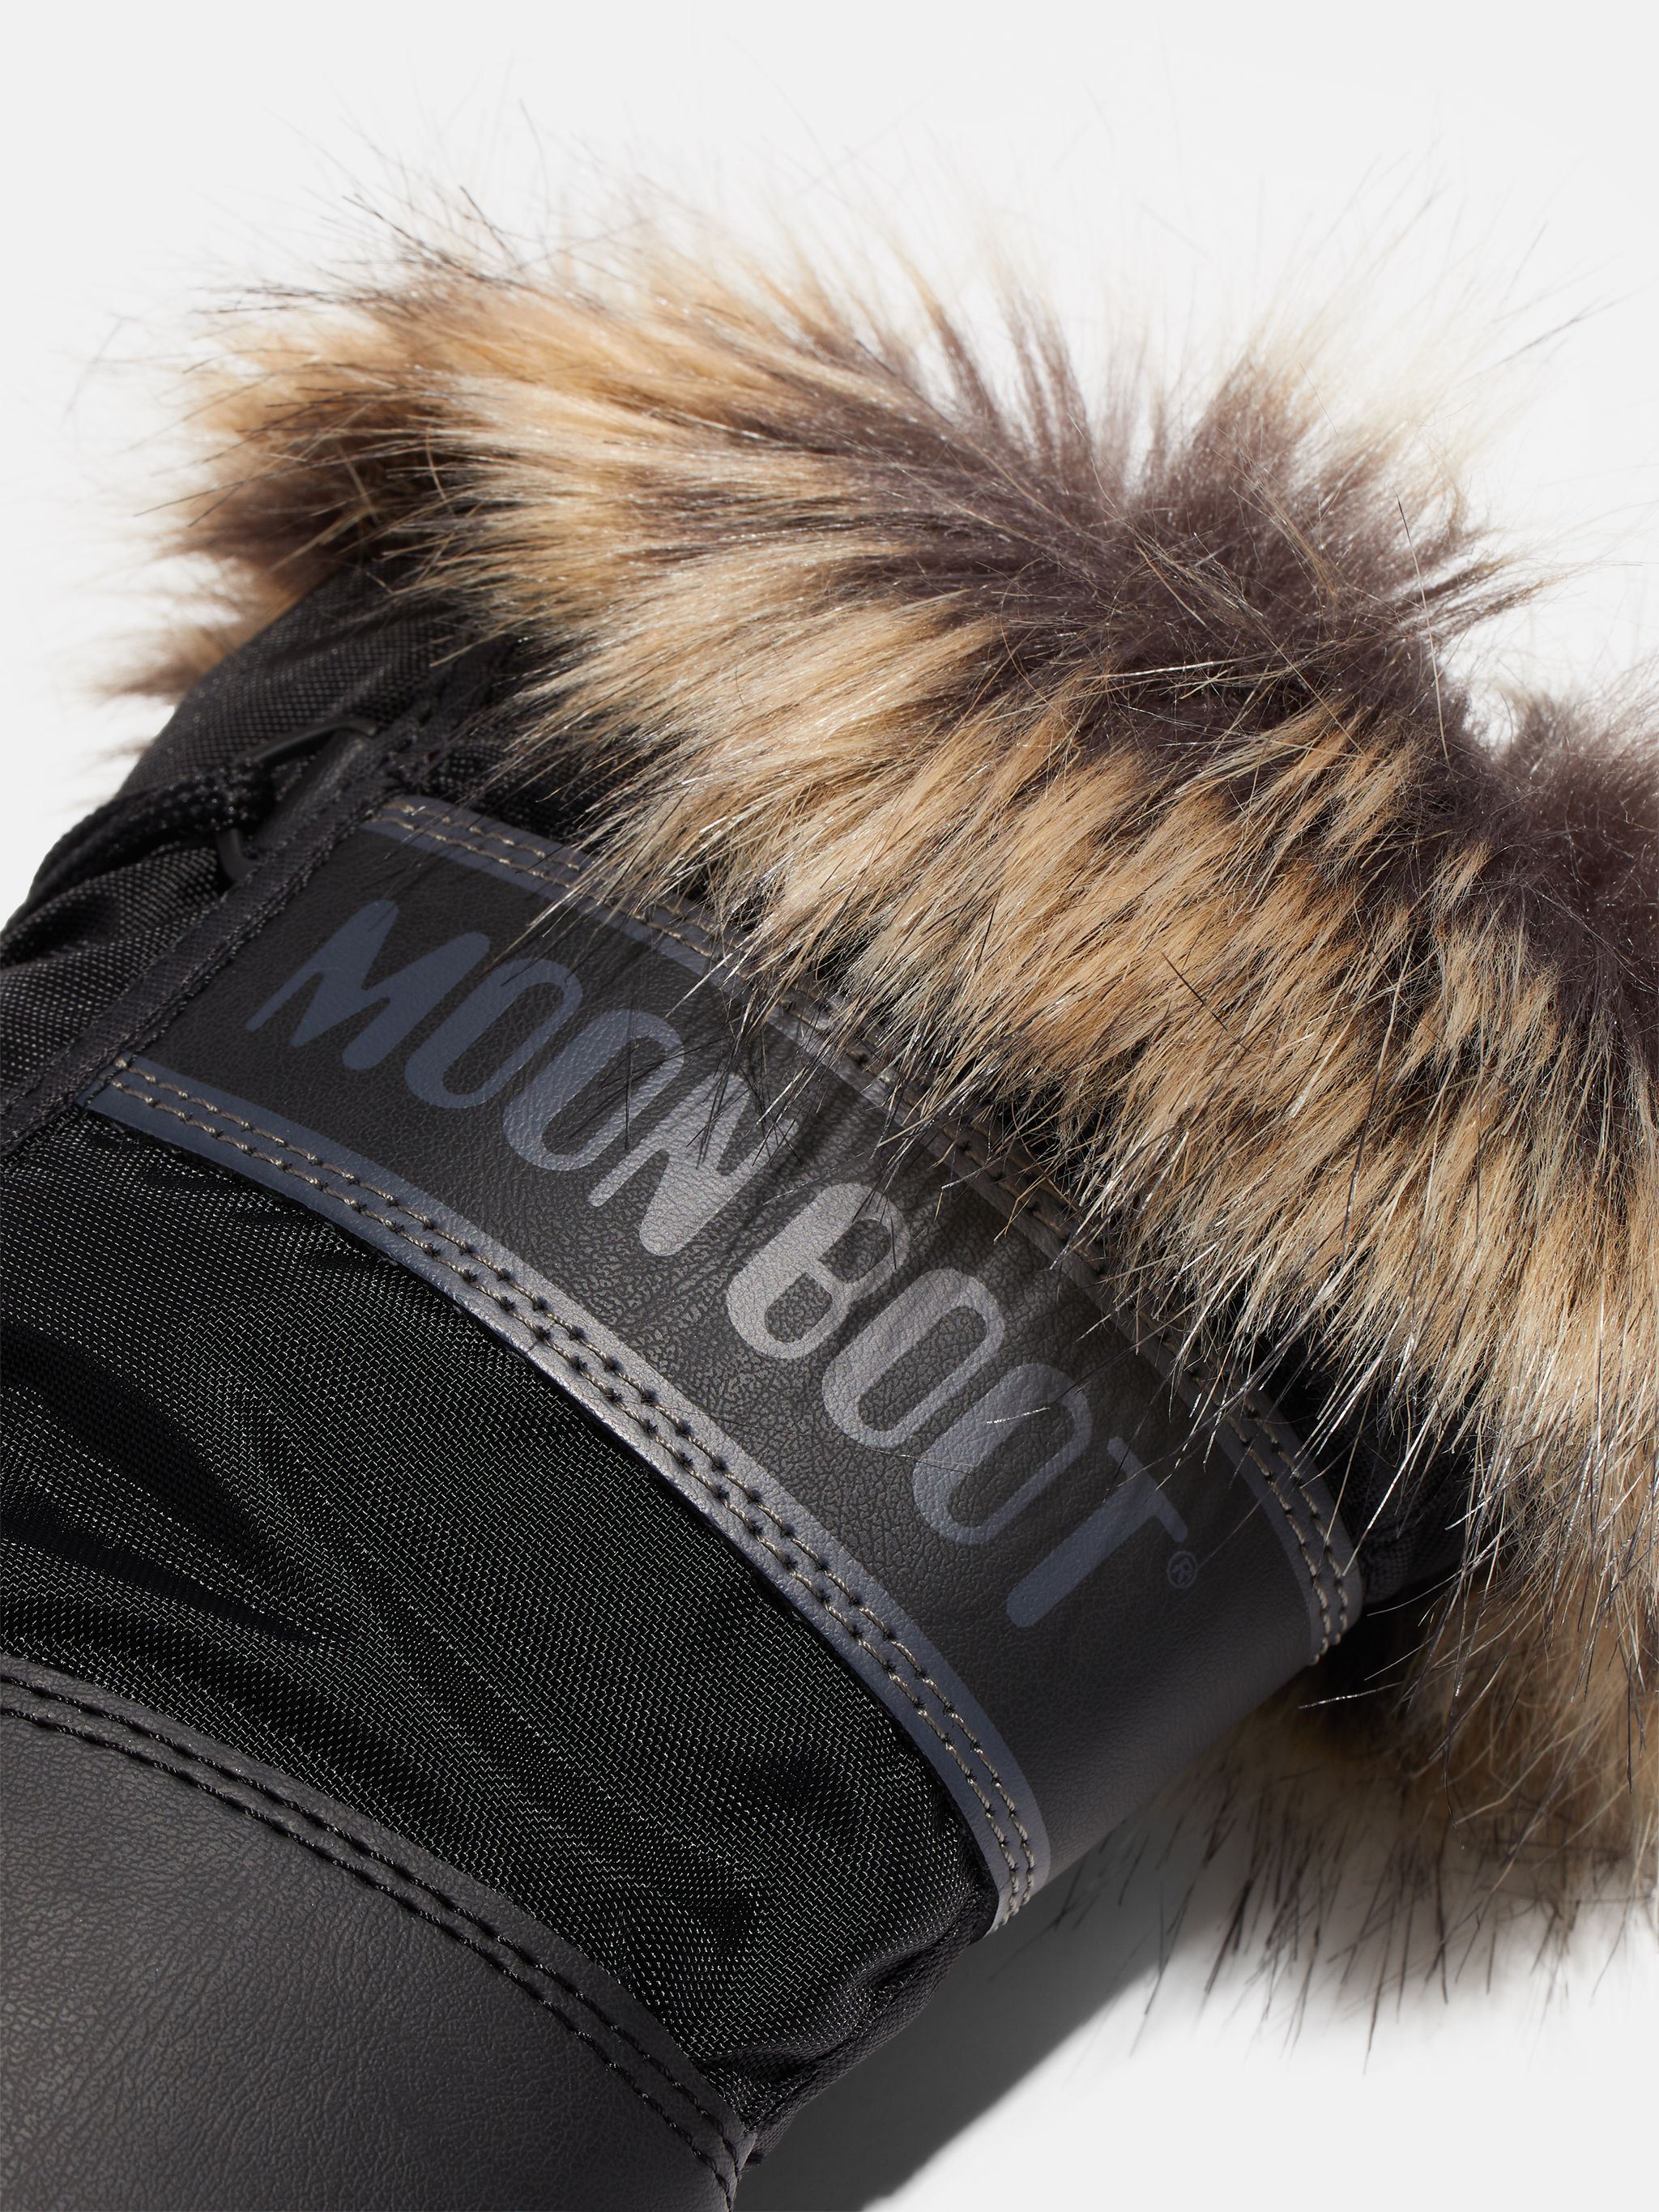 PROTECHT LOW MONACO BLACK BOOTS